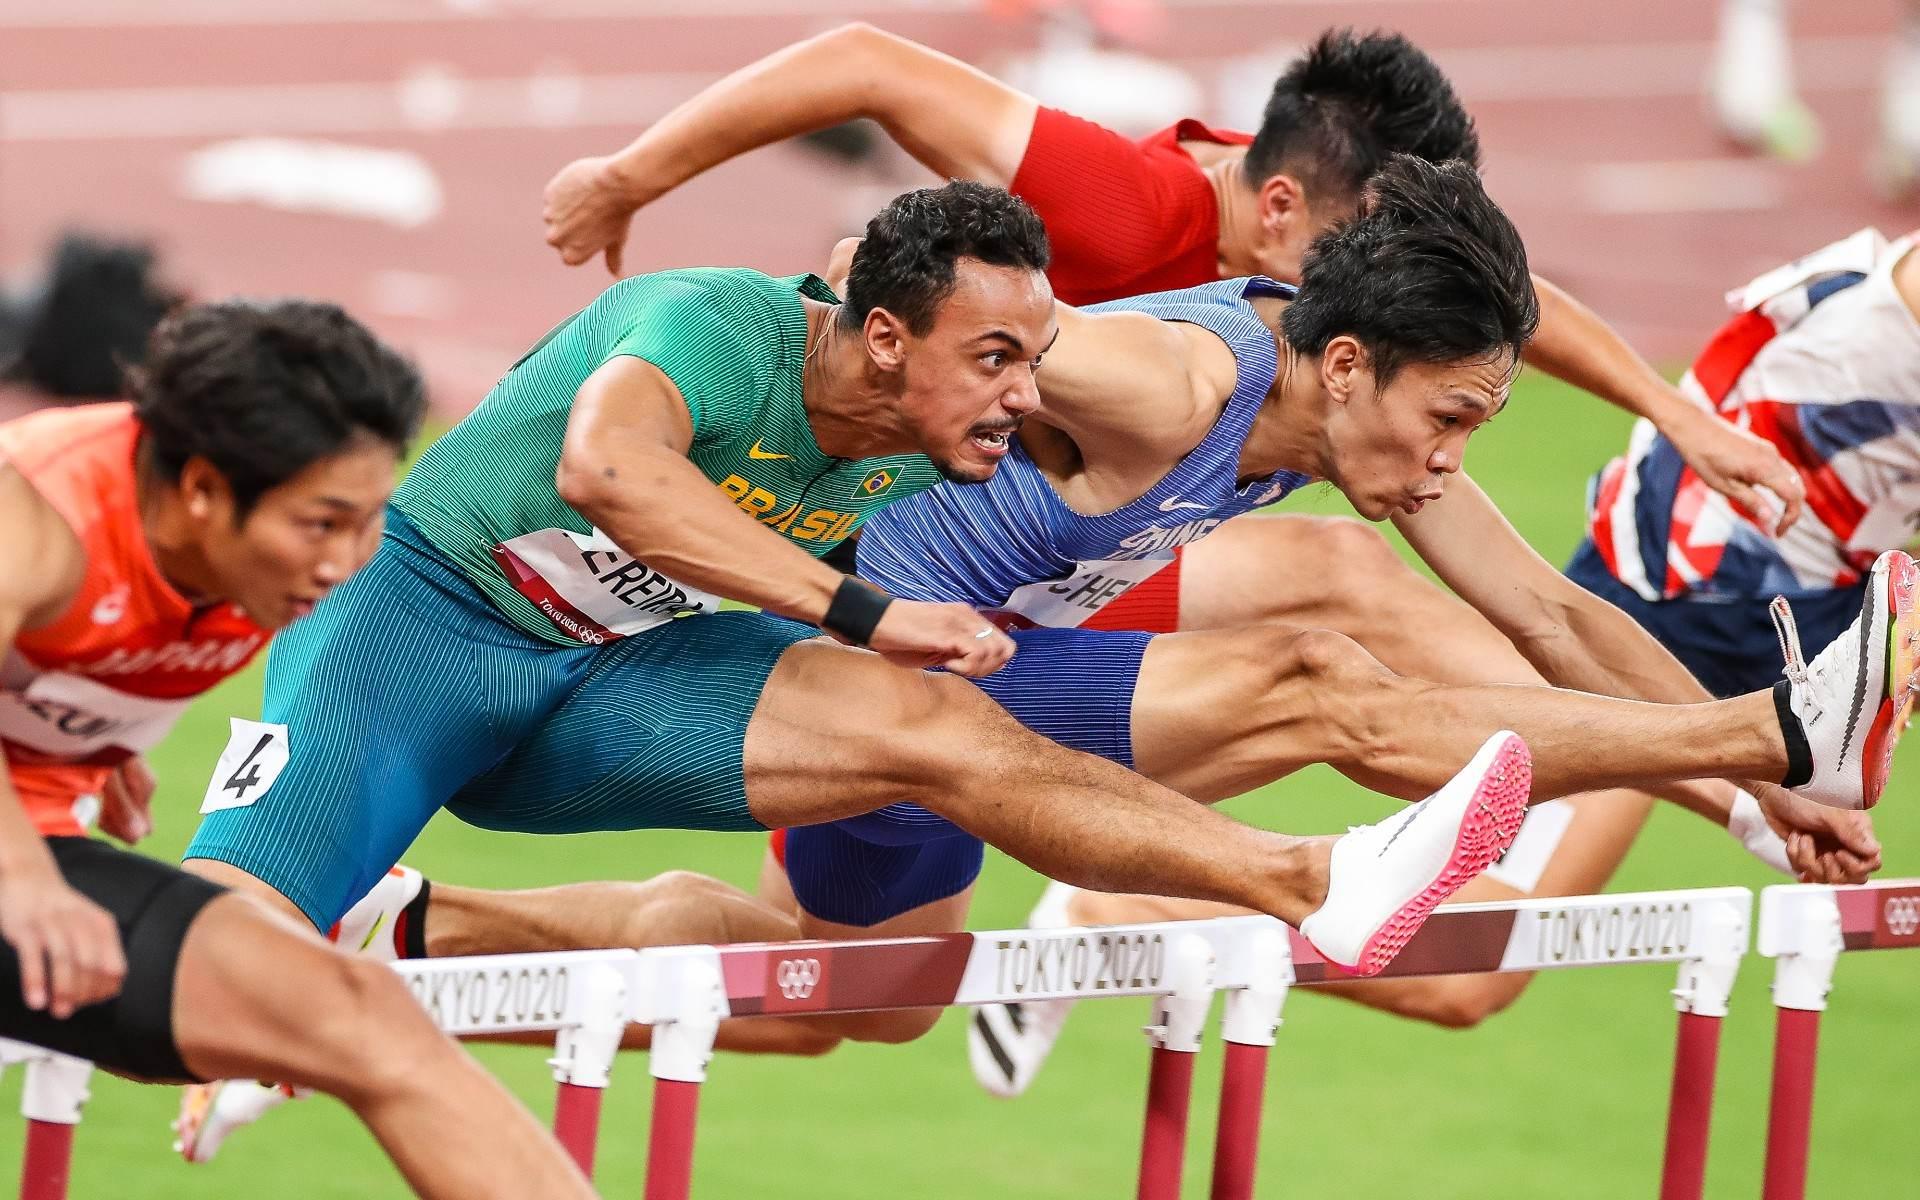 Rafael Pereira avançou para semifinal dos 110m com barreira